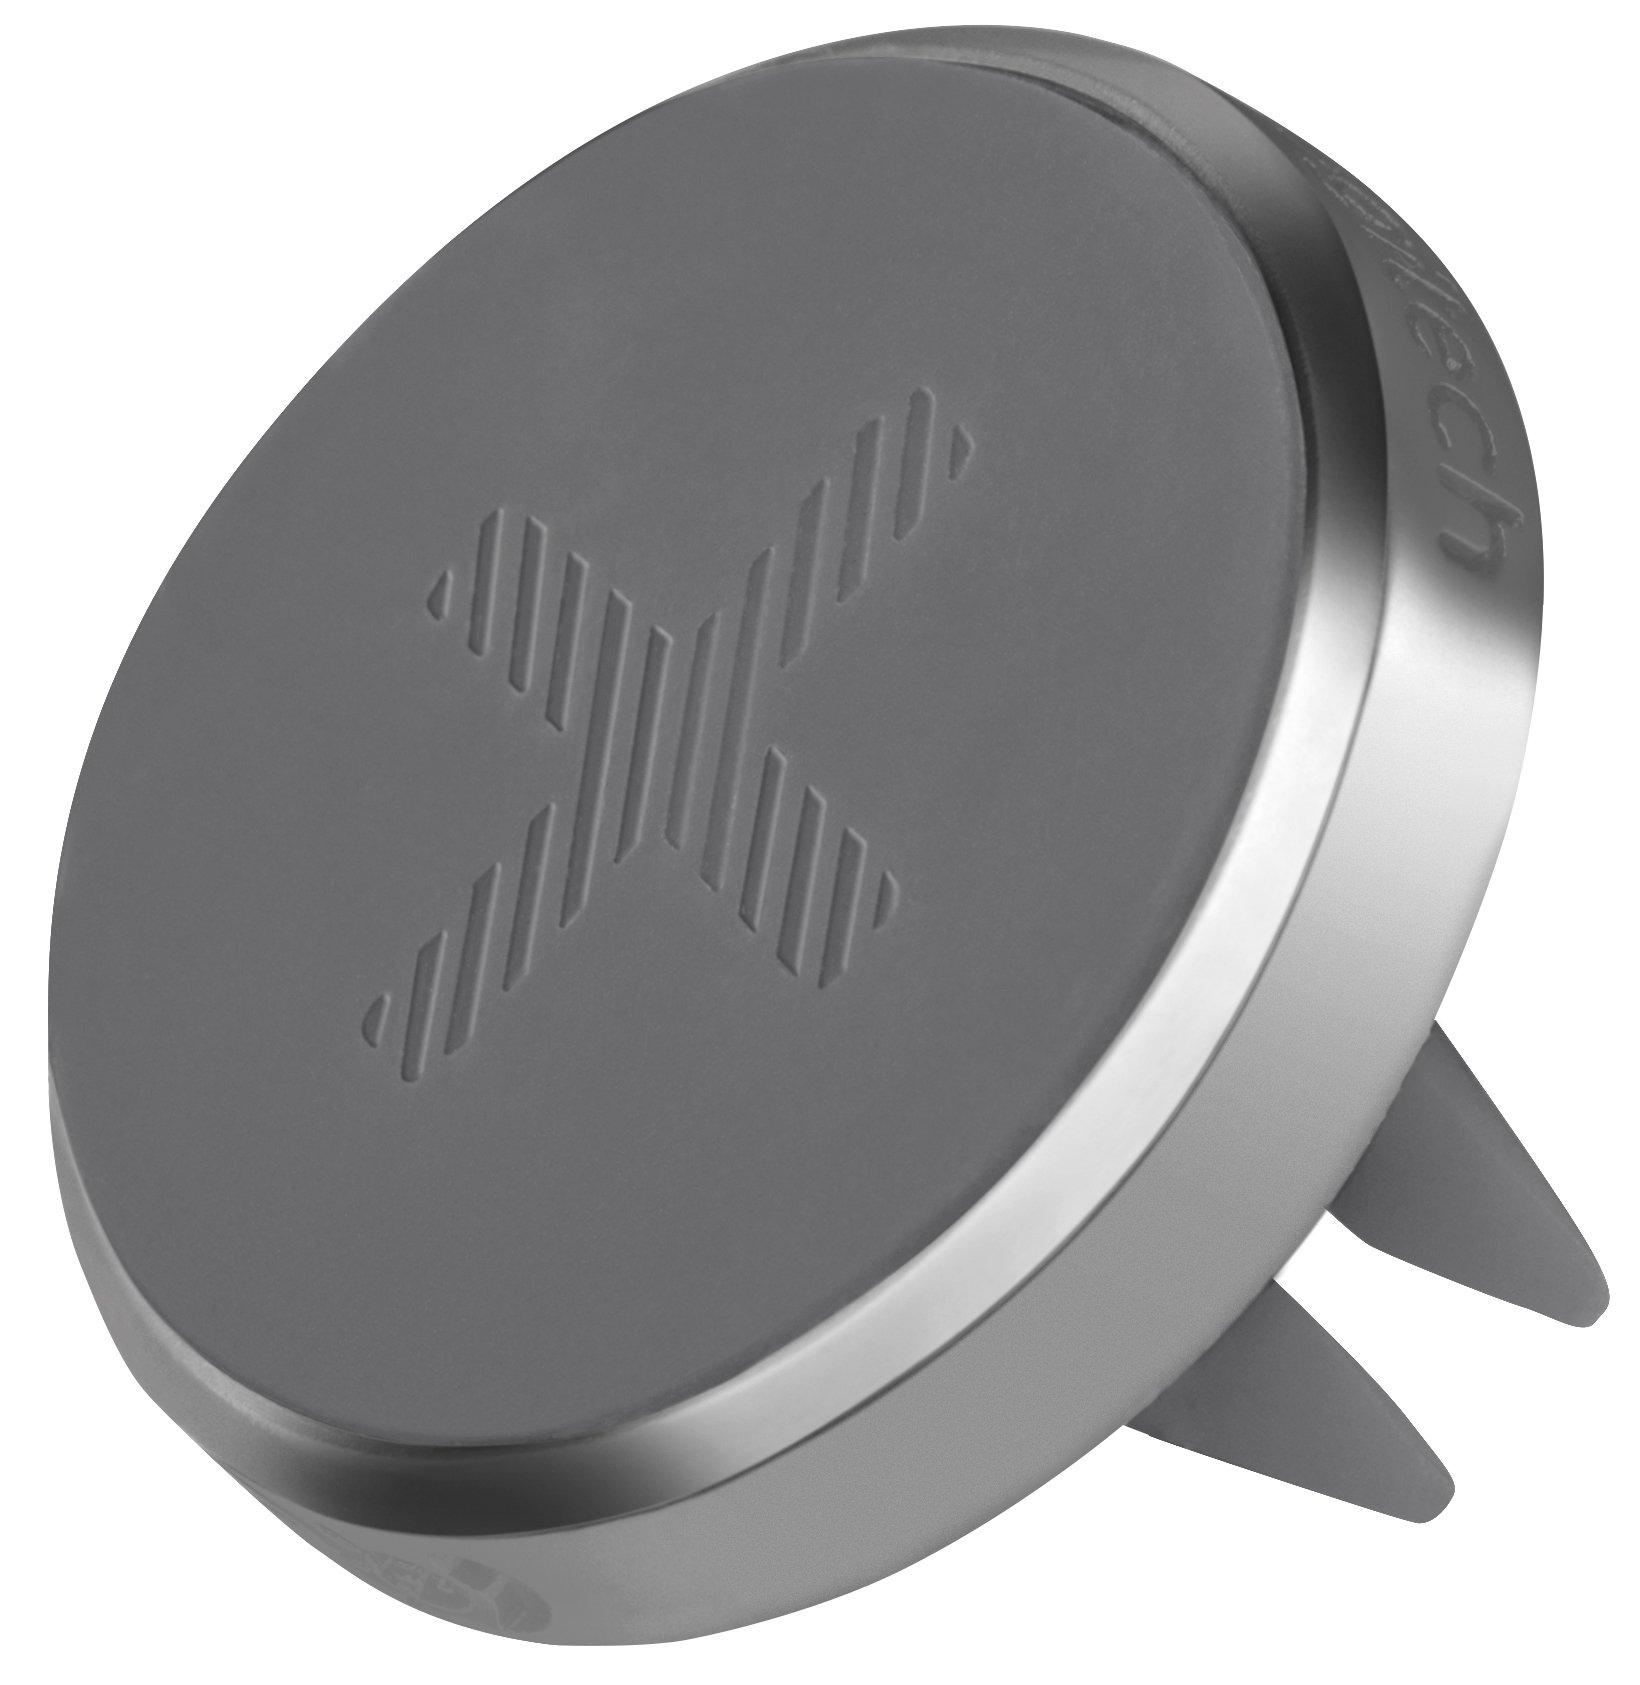 ロジクール+旅行ワンタッチスマートフォン換気磁気カーホルダー